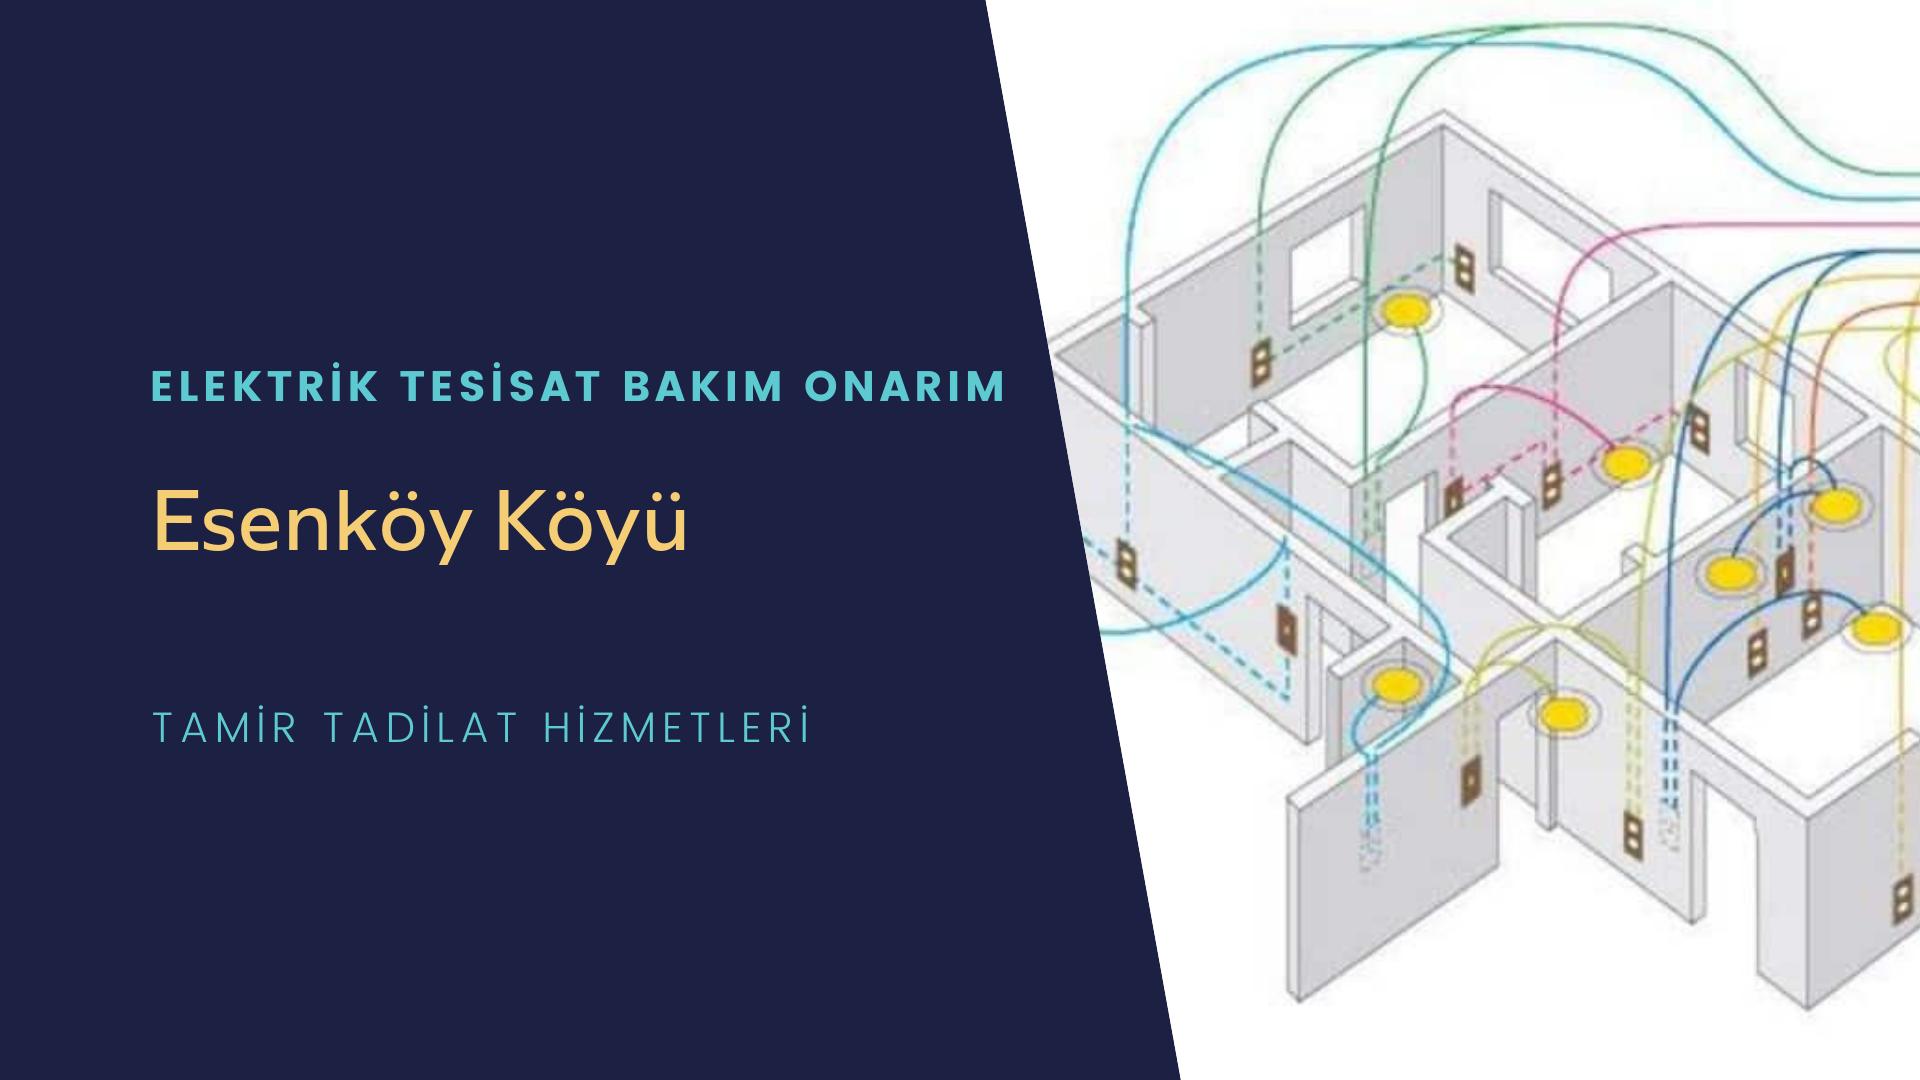 Esenköy Köyü  elektrik tesisatıustalarımı arıyorsunuz doğru adrestenizi Esenköy Köyü elektrik tesisatı ustalarımız 7/24 sizlere hizmet vermekten mutluluk duyar.